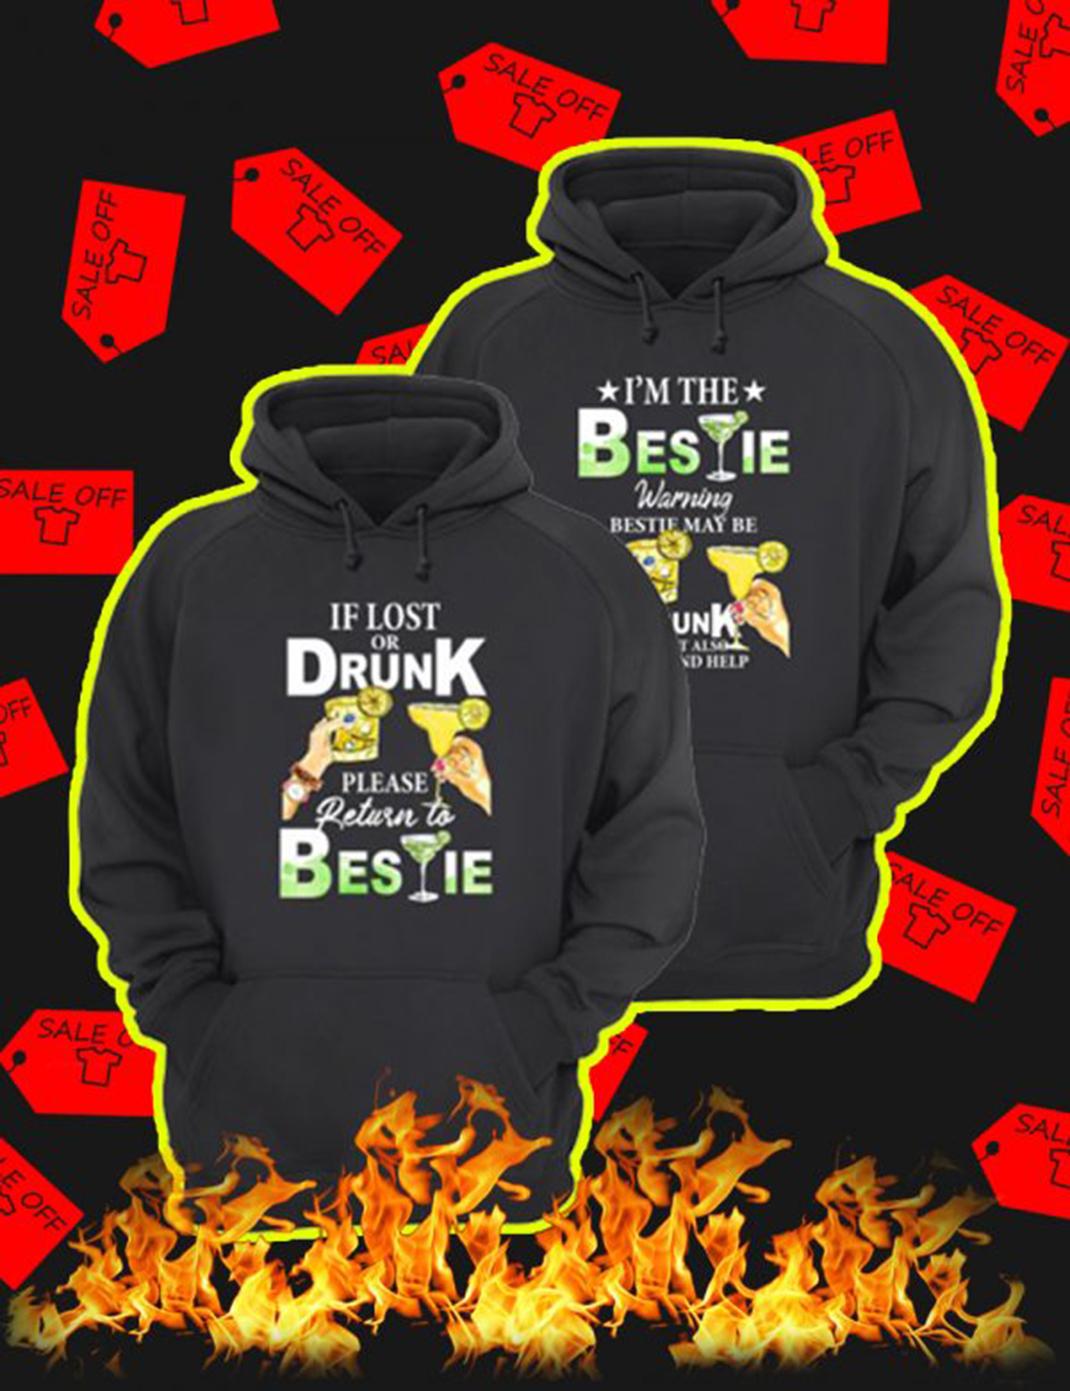 If Lost Or Drunk Please Return To Bestie – I'm The Bestie Warning Bestie May Be Drunk Hoodie